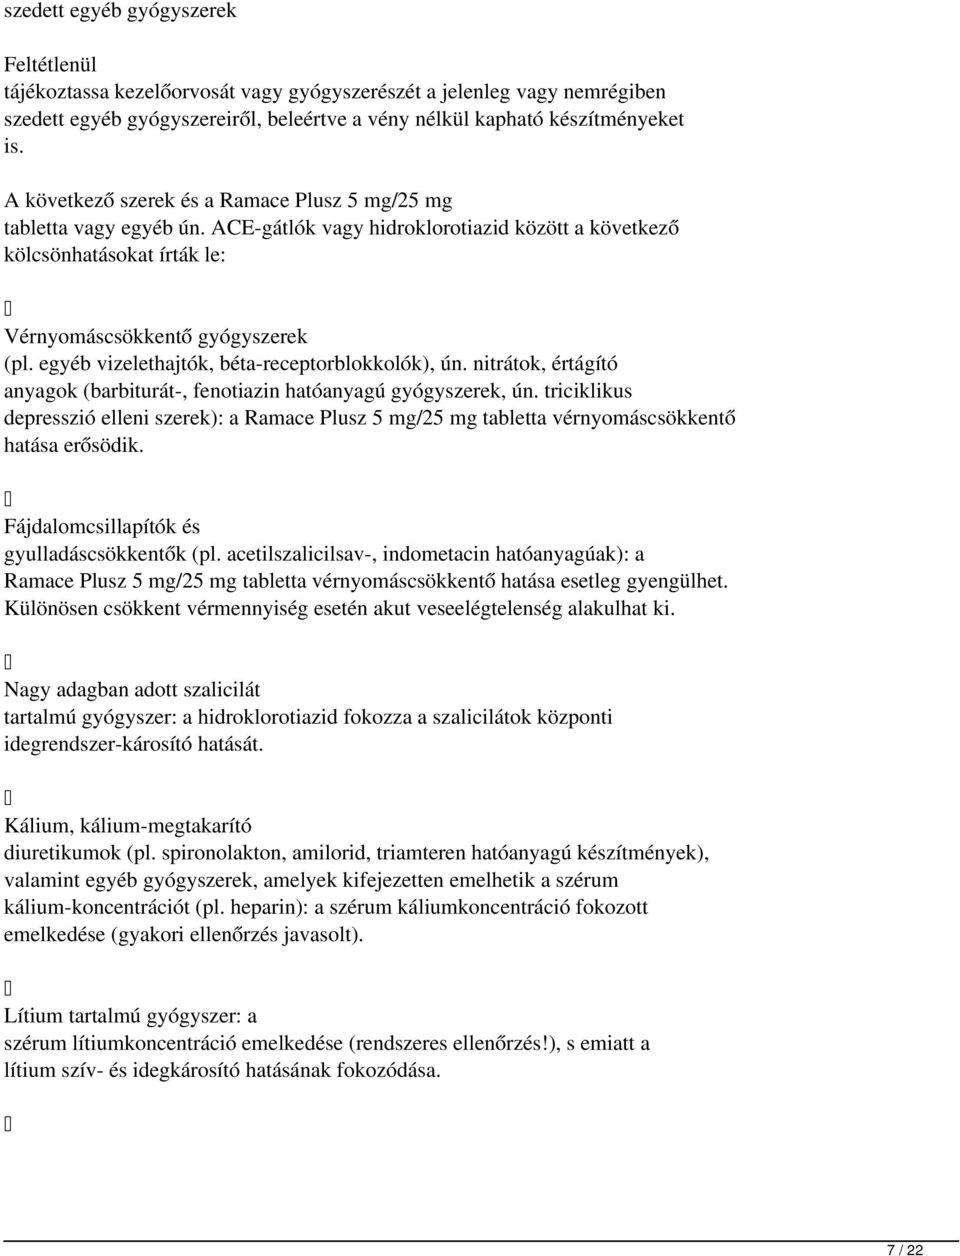 kálium-megtakarító gyógyszerek magas vérnyomás ellen)